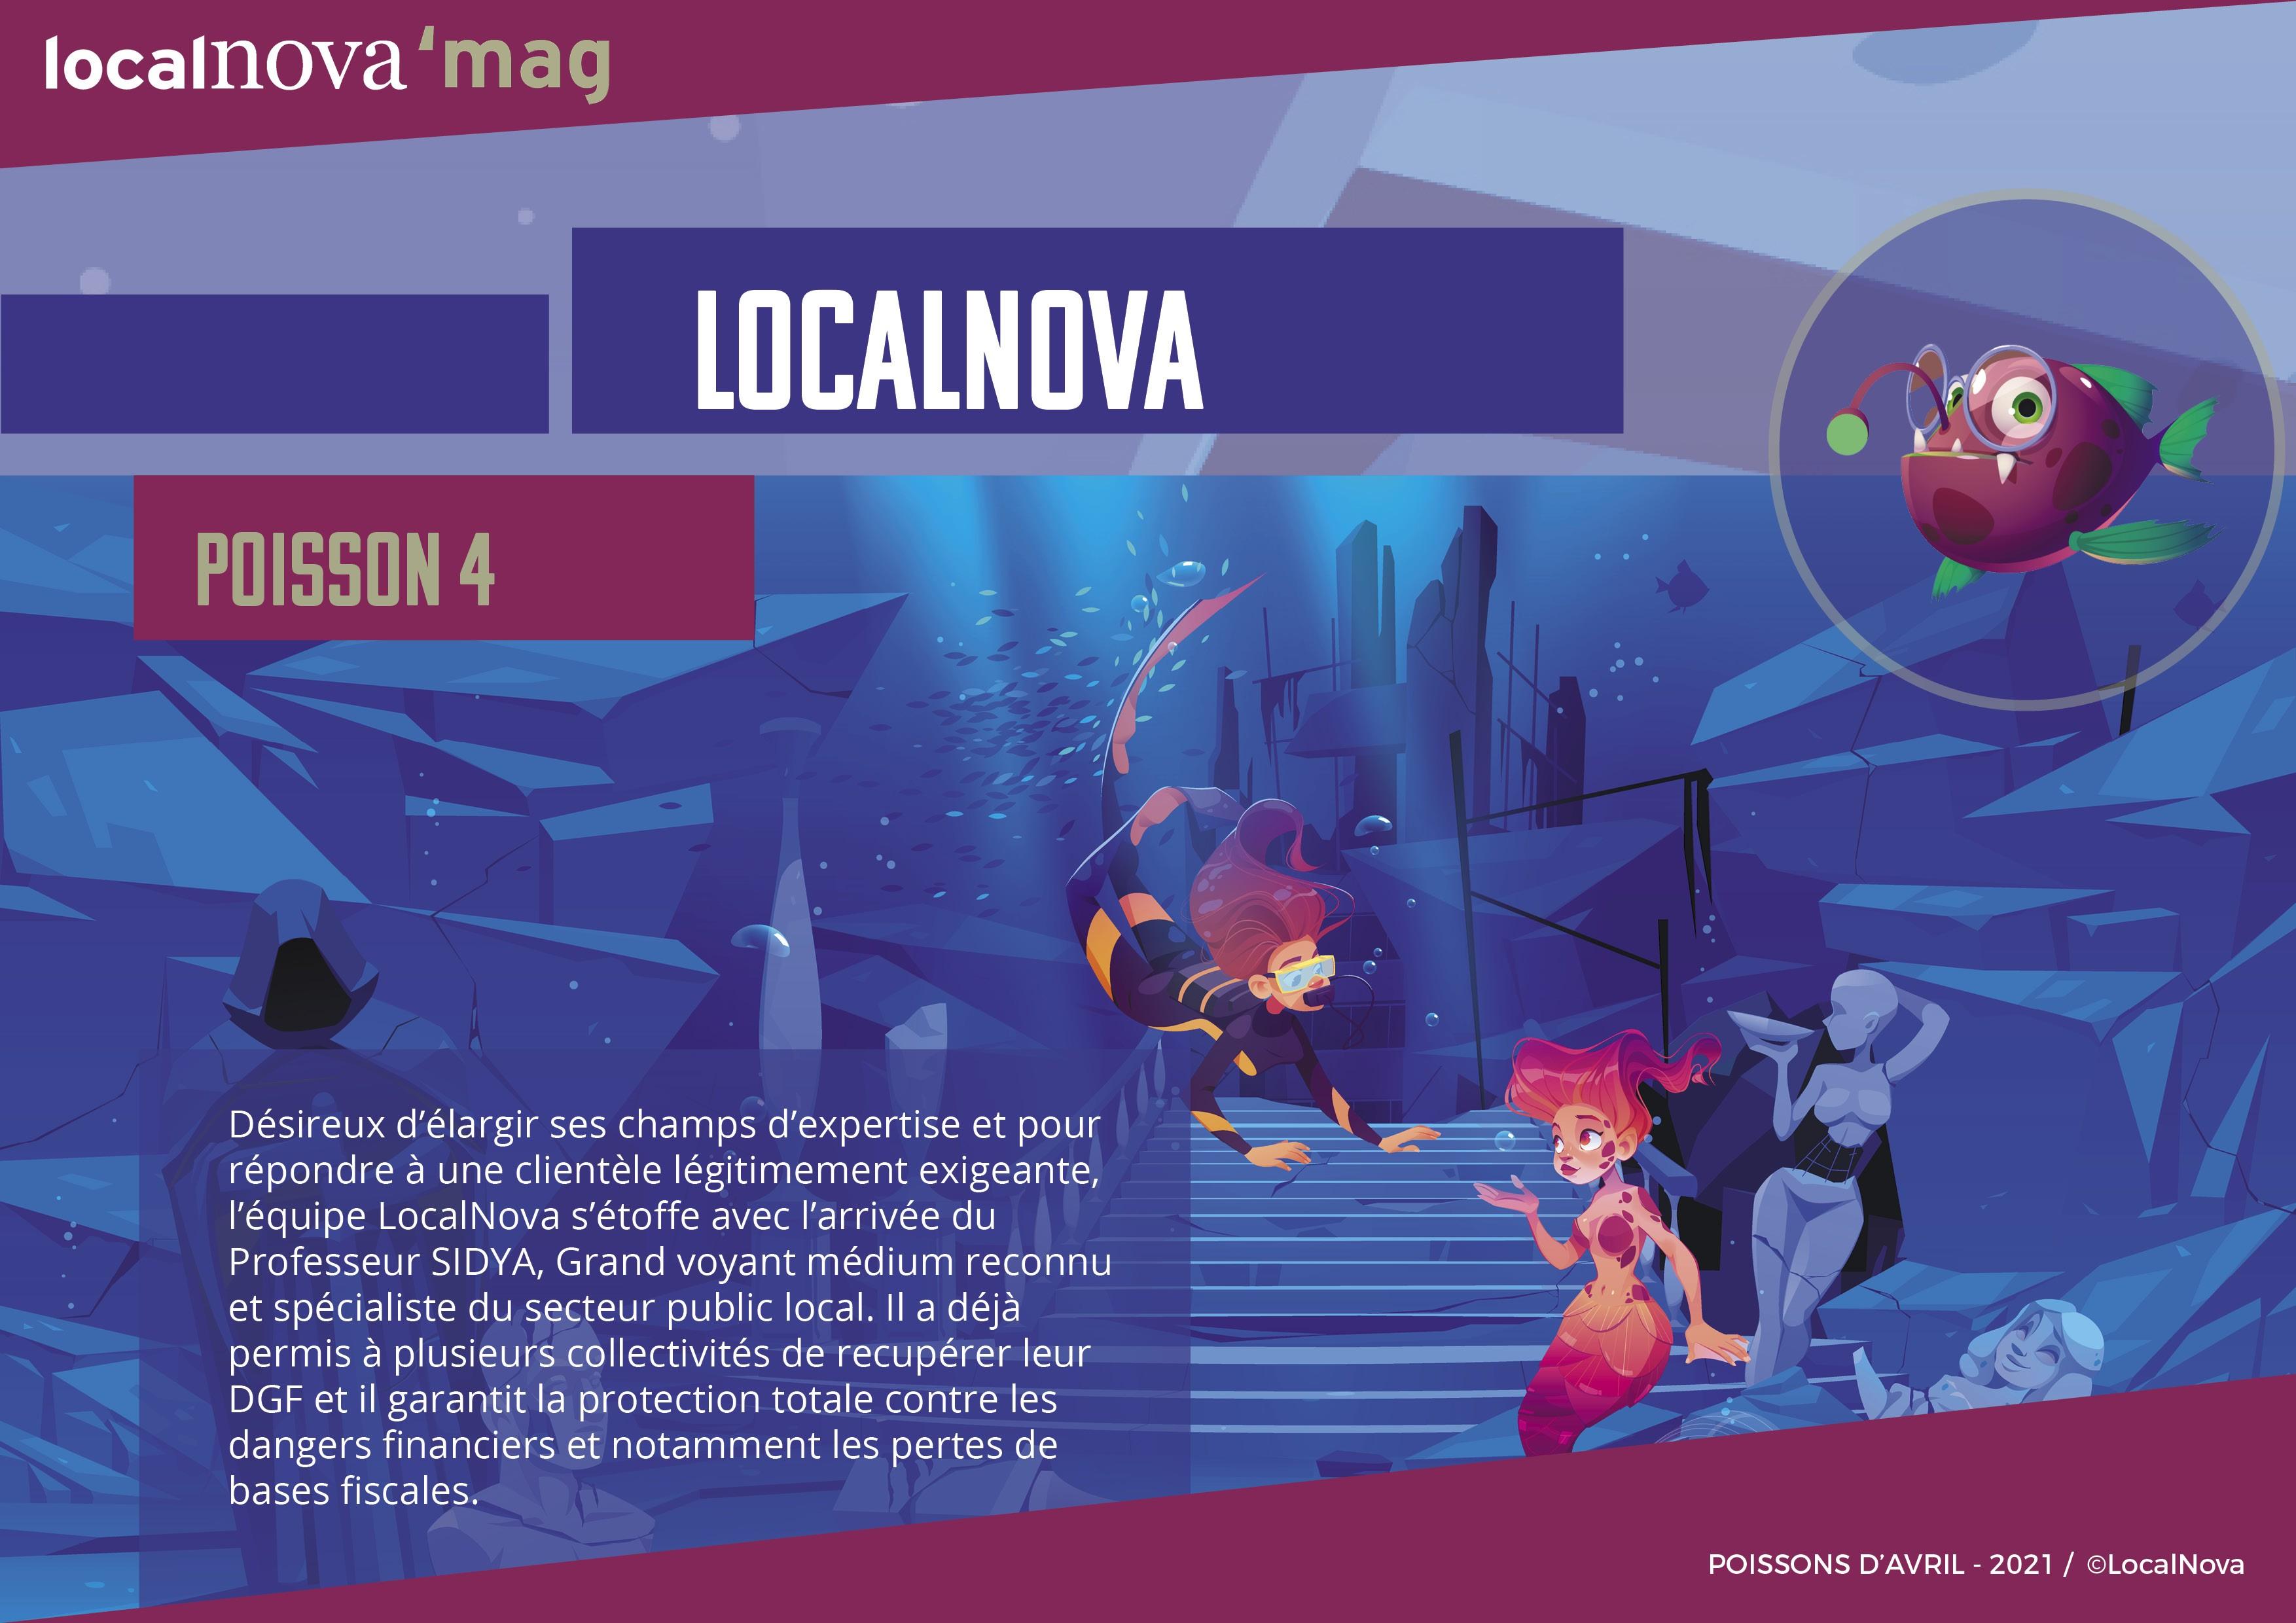 MAG 21 LOCALNOVA-5